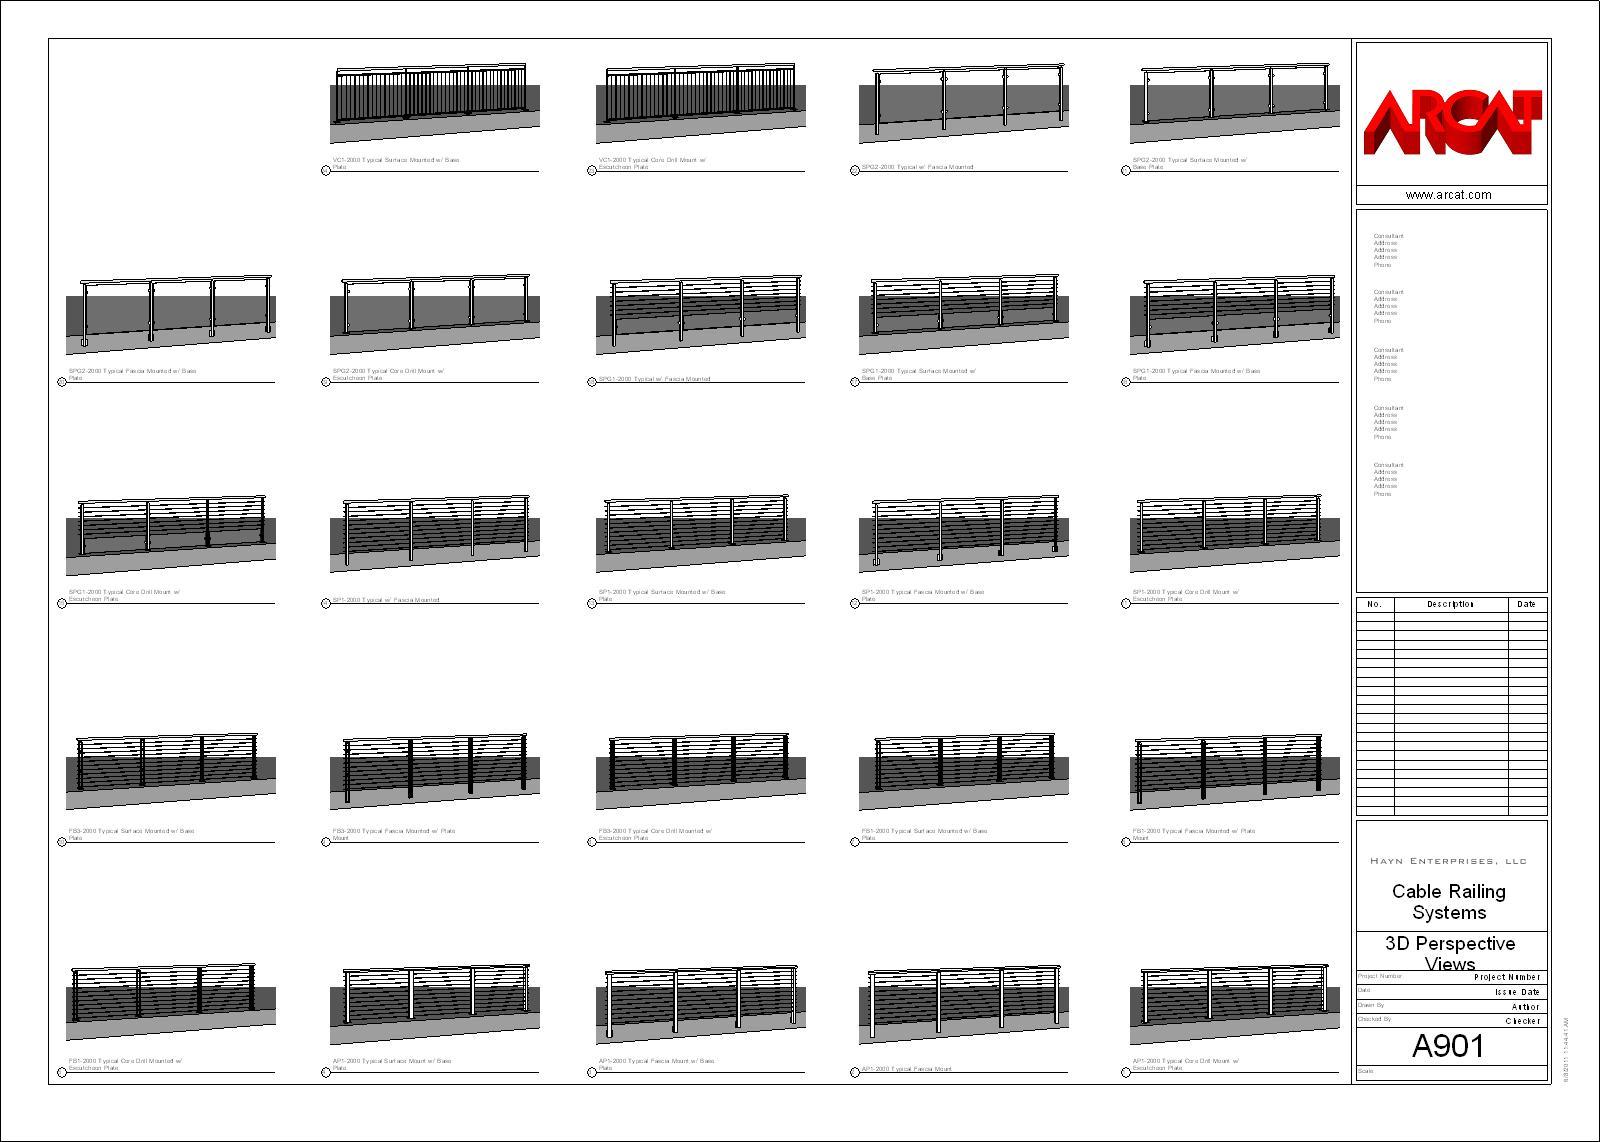 Decorative Metal Railings - Metals - Free BIM Objects / Families | ARCAT